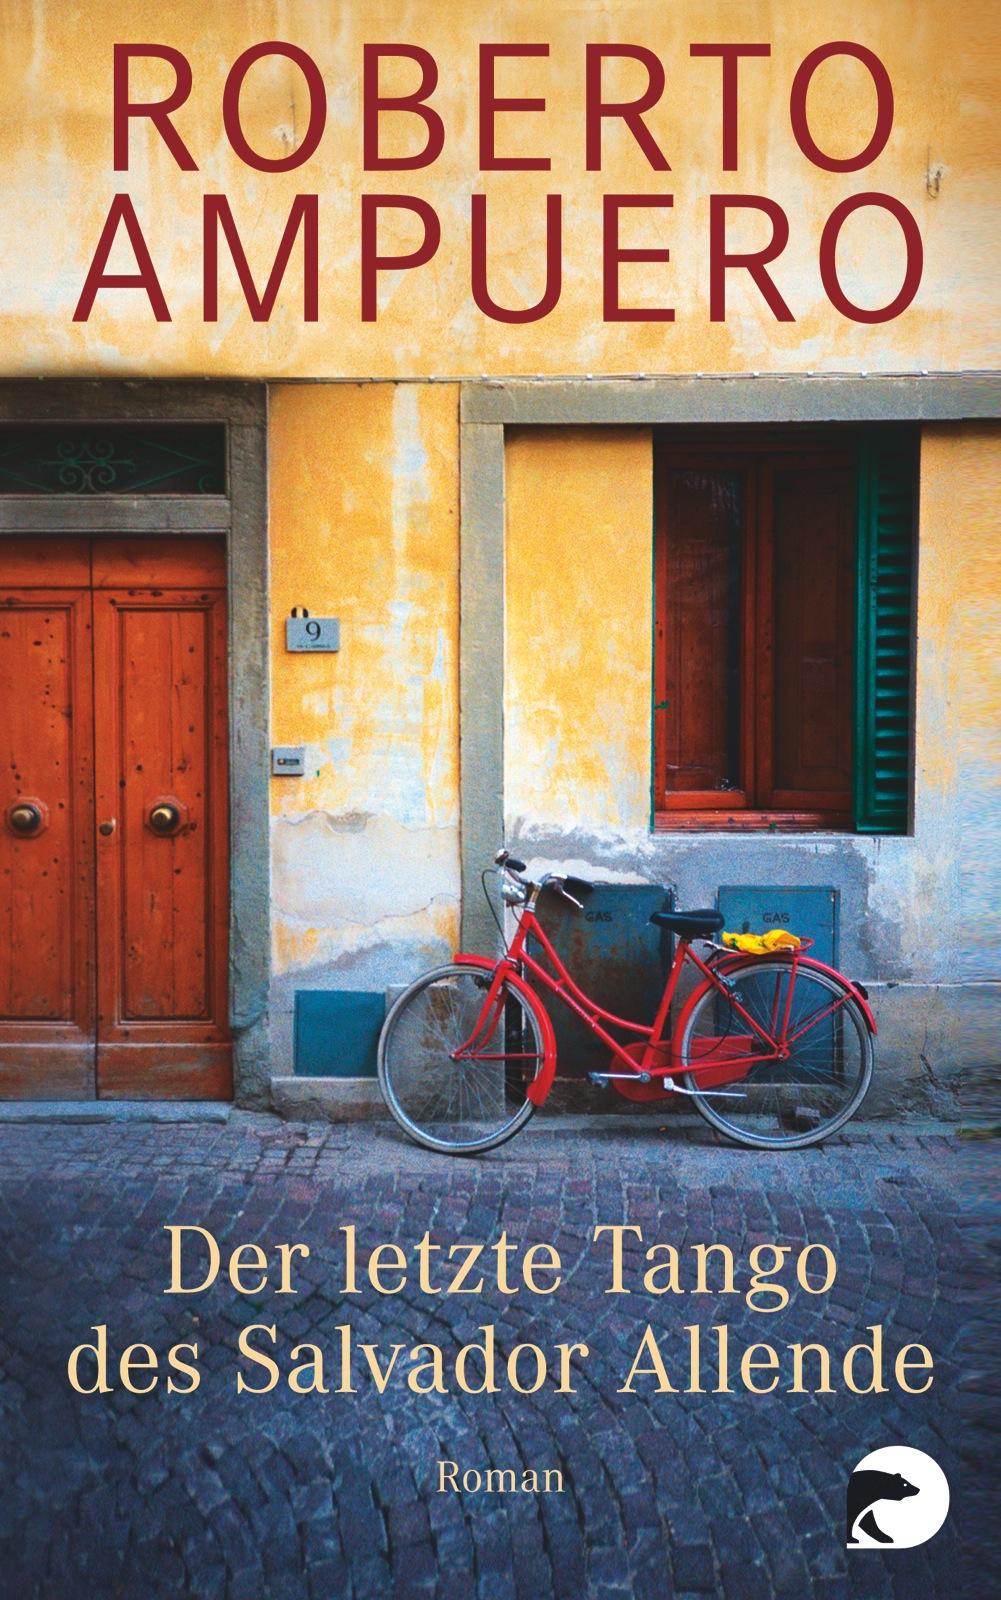 Der letzte Tango des Salvador Allende: Roman - Ampuero, Roberto